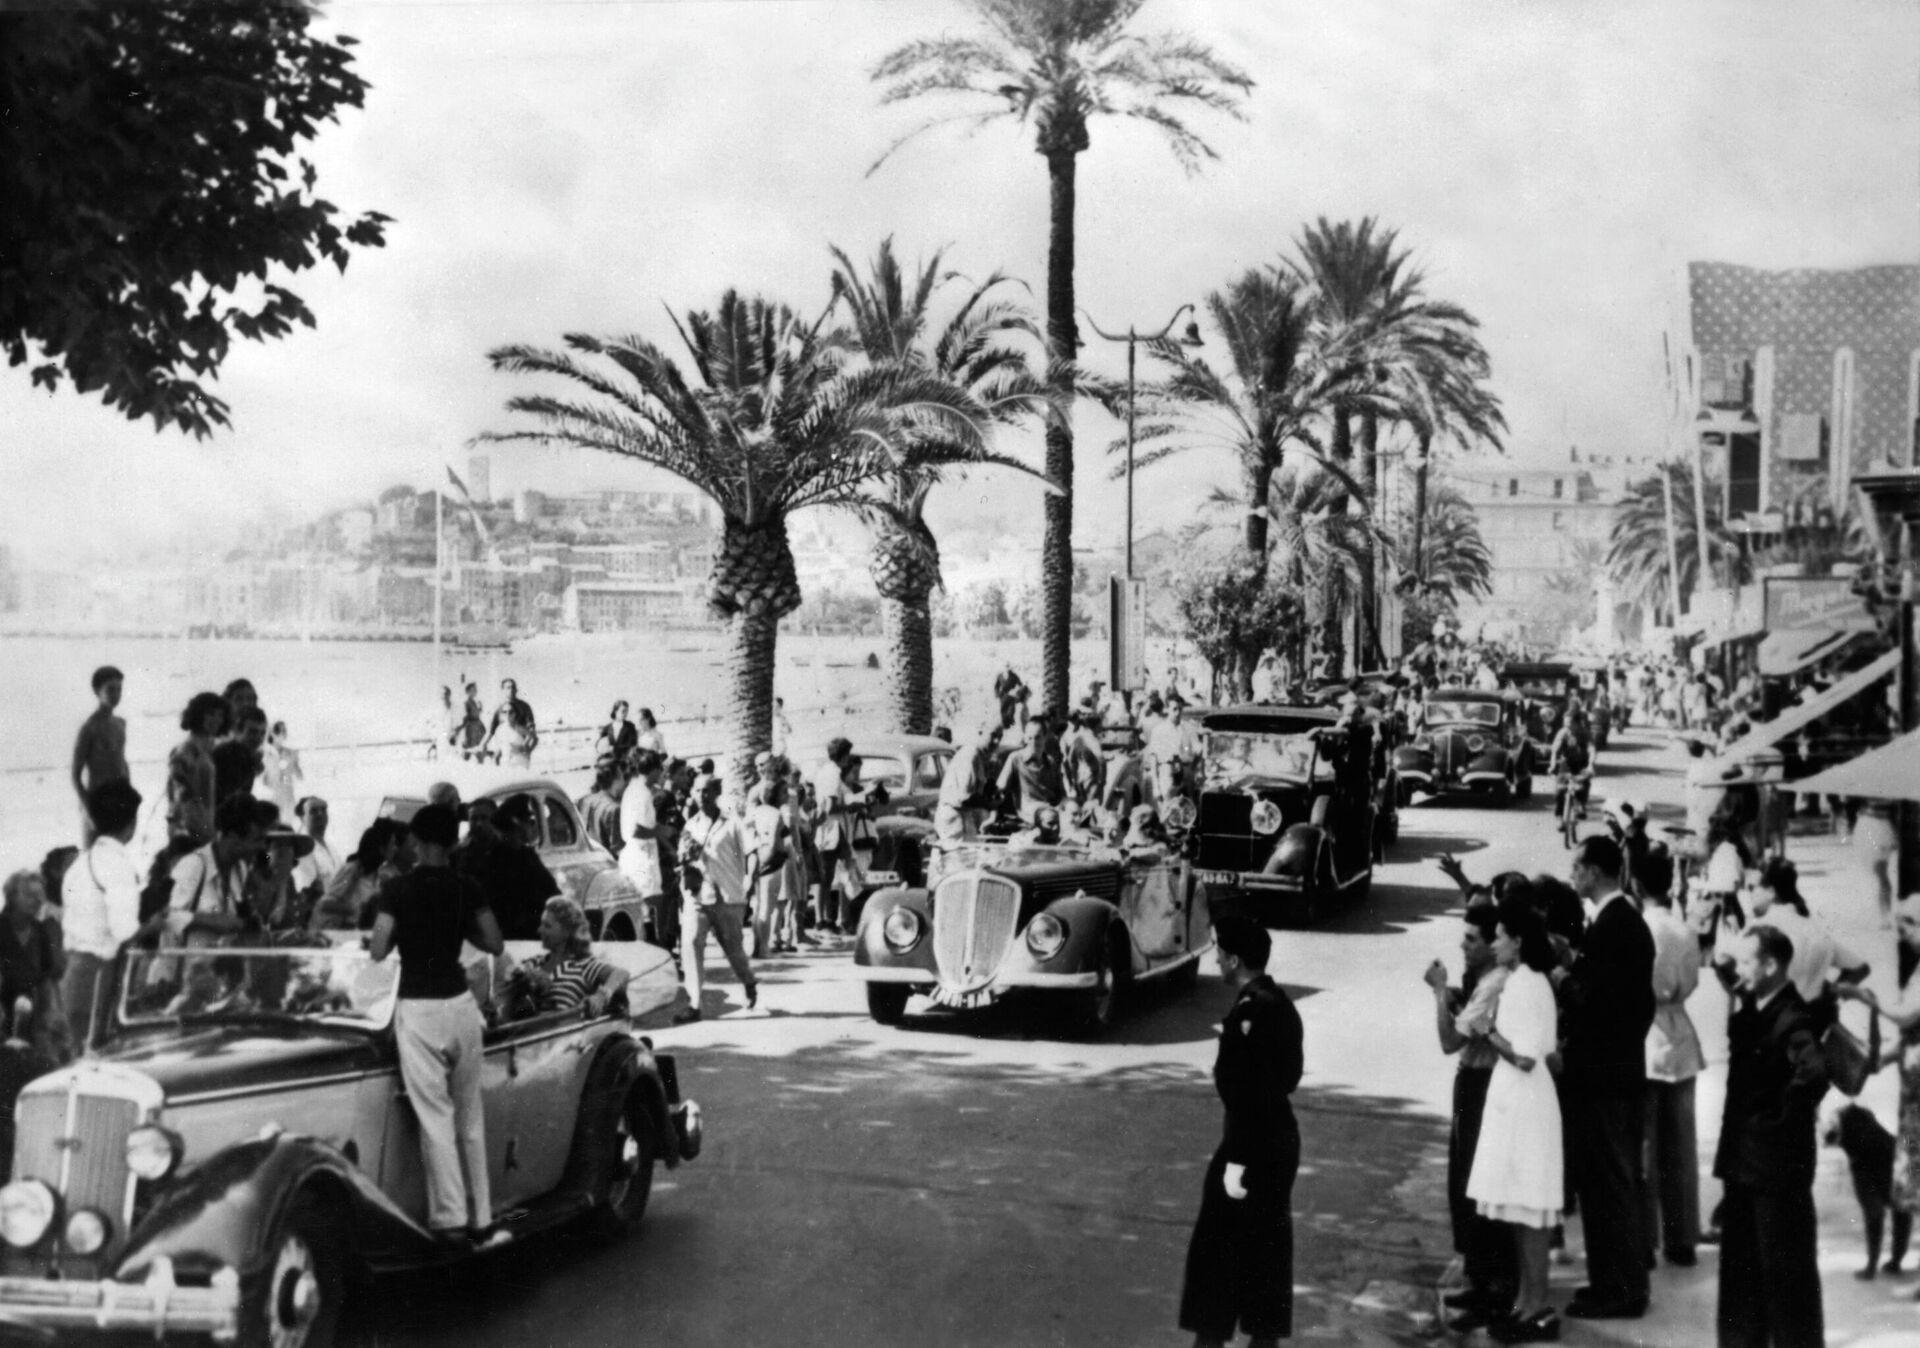 Парад кинозвезд на улице, 8 сентября 1947 года, во время Каннского международного кинофестиваля - РИА Новости, 1920, 20.09.2021